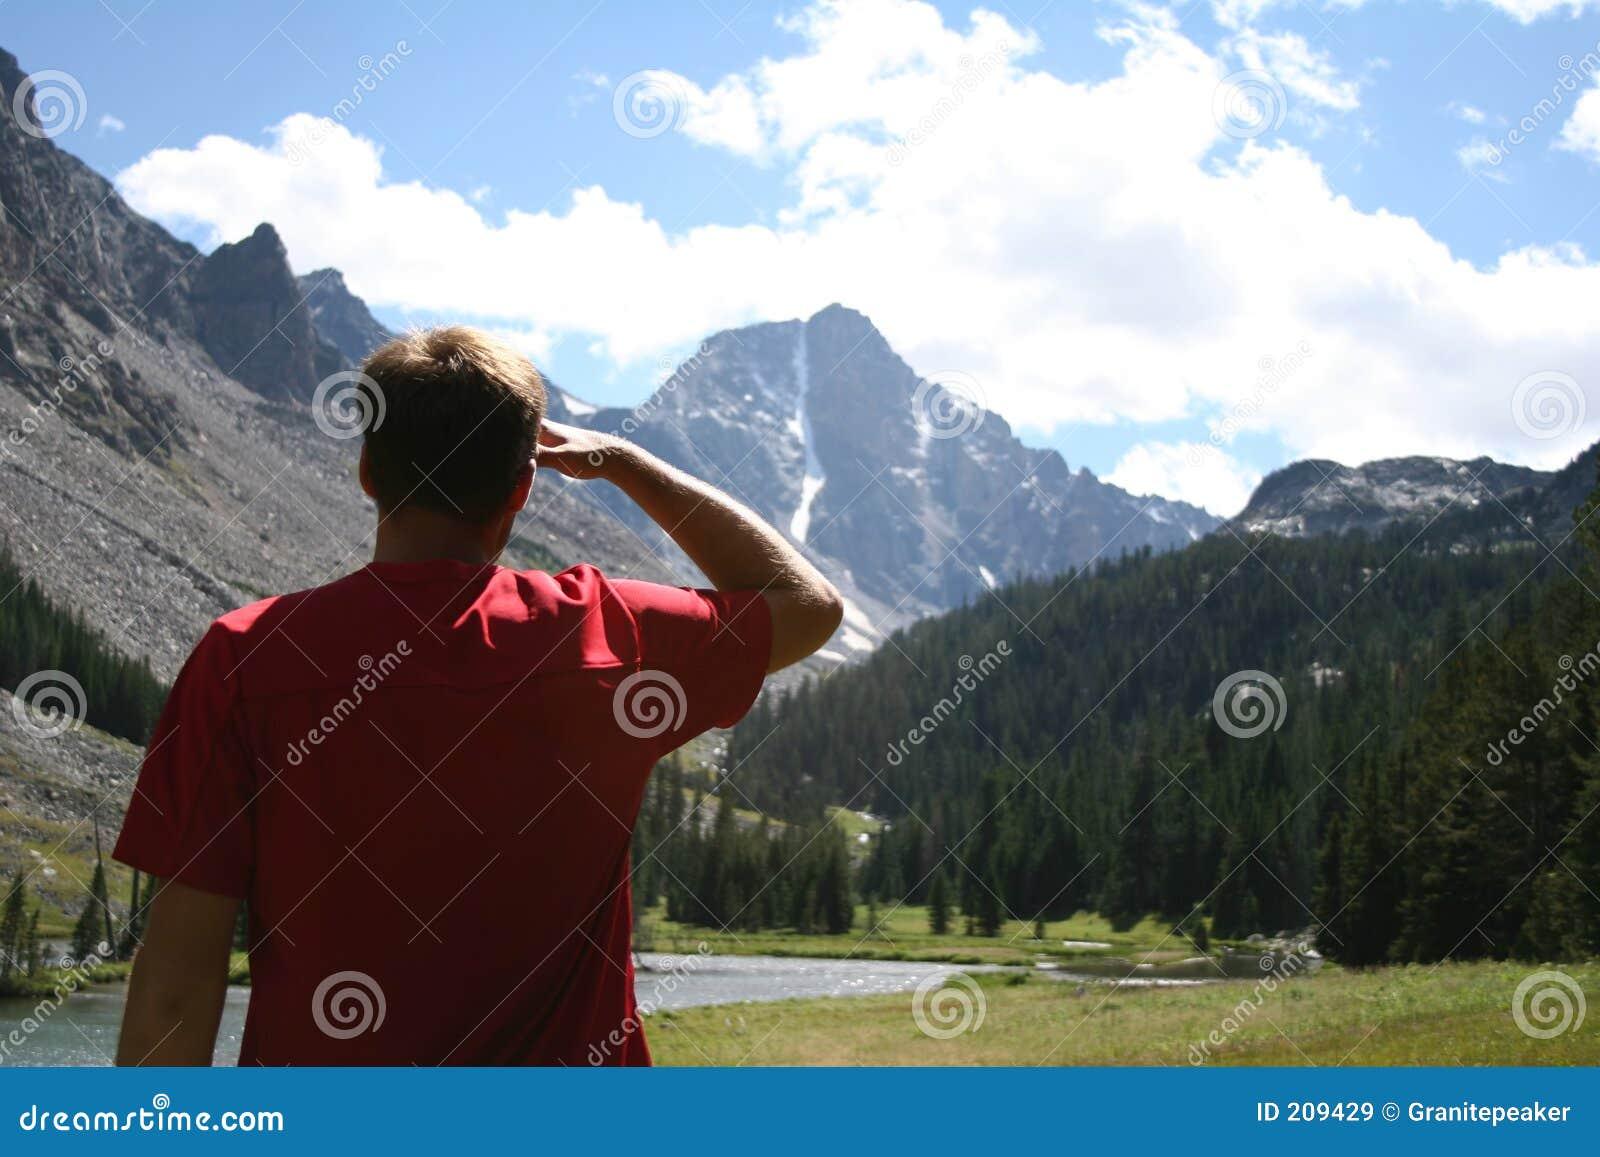 För montana för affärsföretag framåt whitetail maximum